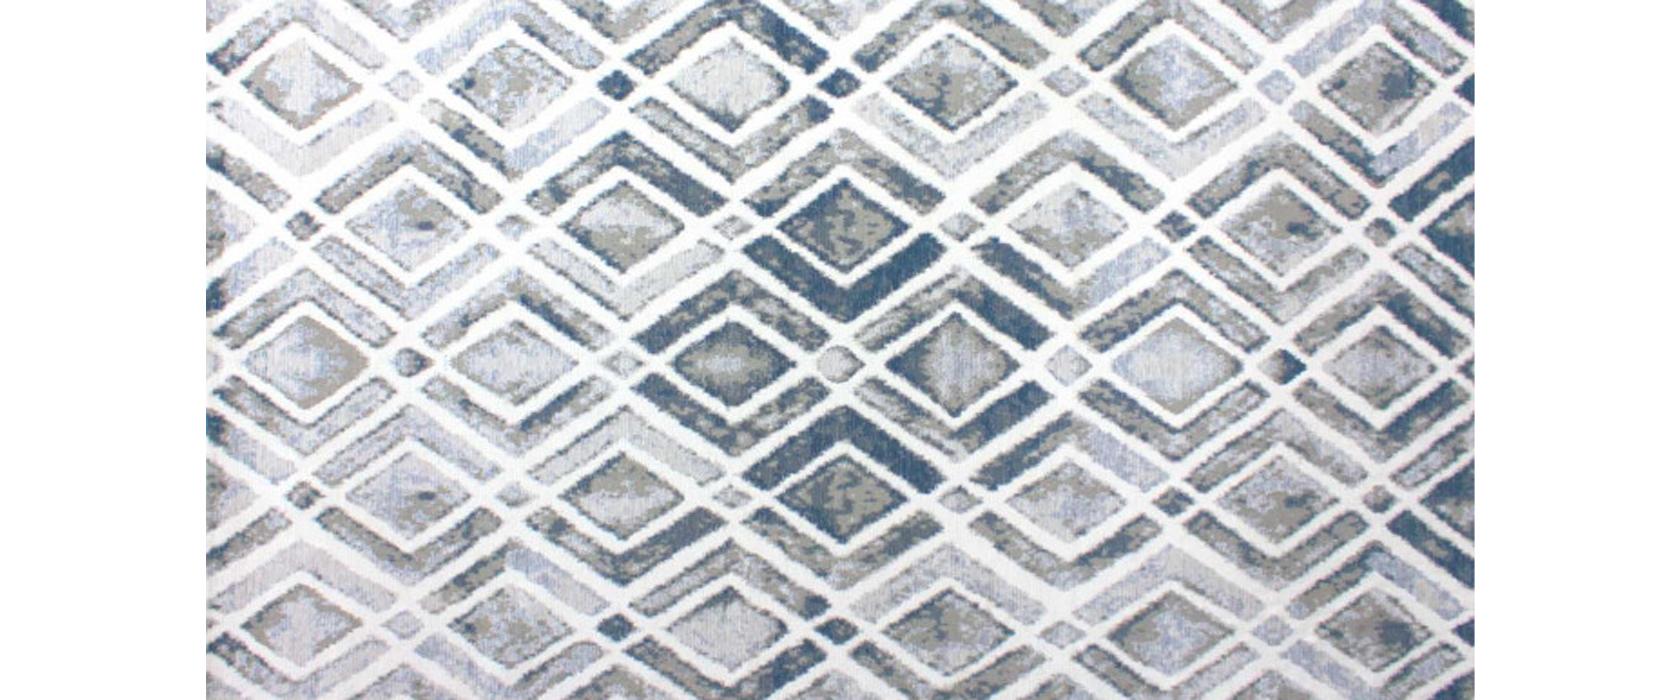 Ковер Venus Geo Blue 160х230 см - Pufetto